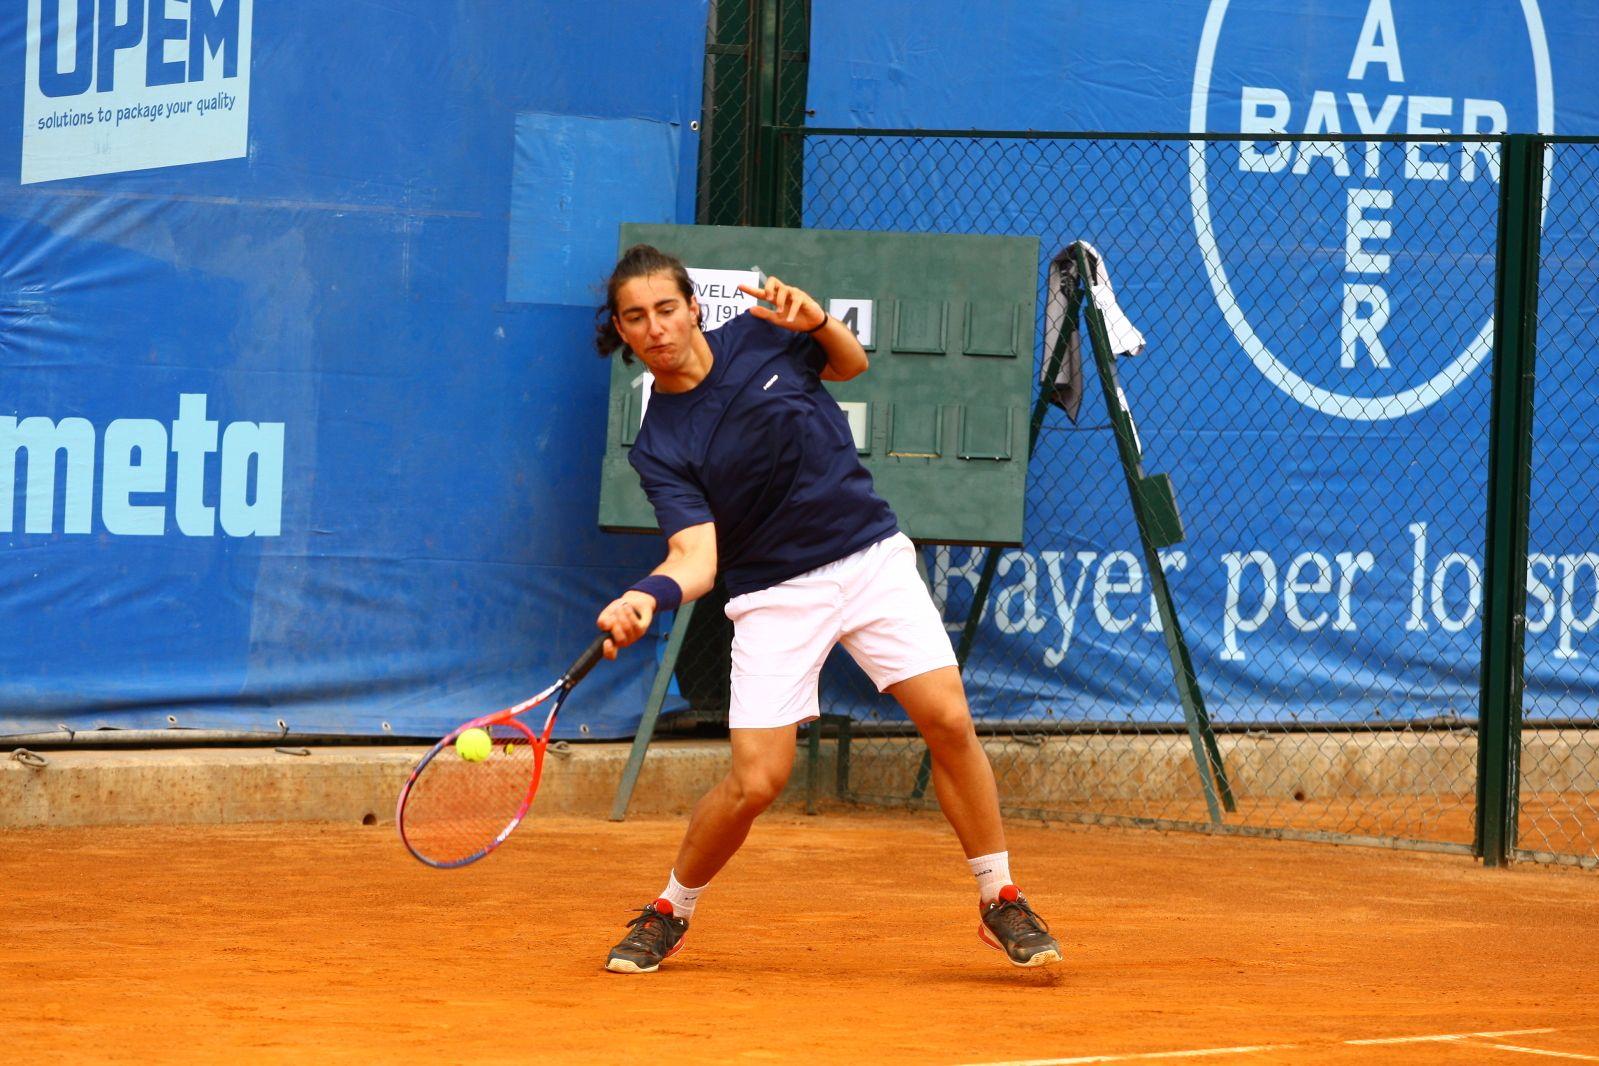 Giuseppe La Vela, classe 2000 e n.312 ITF